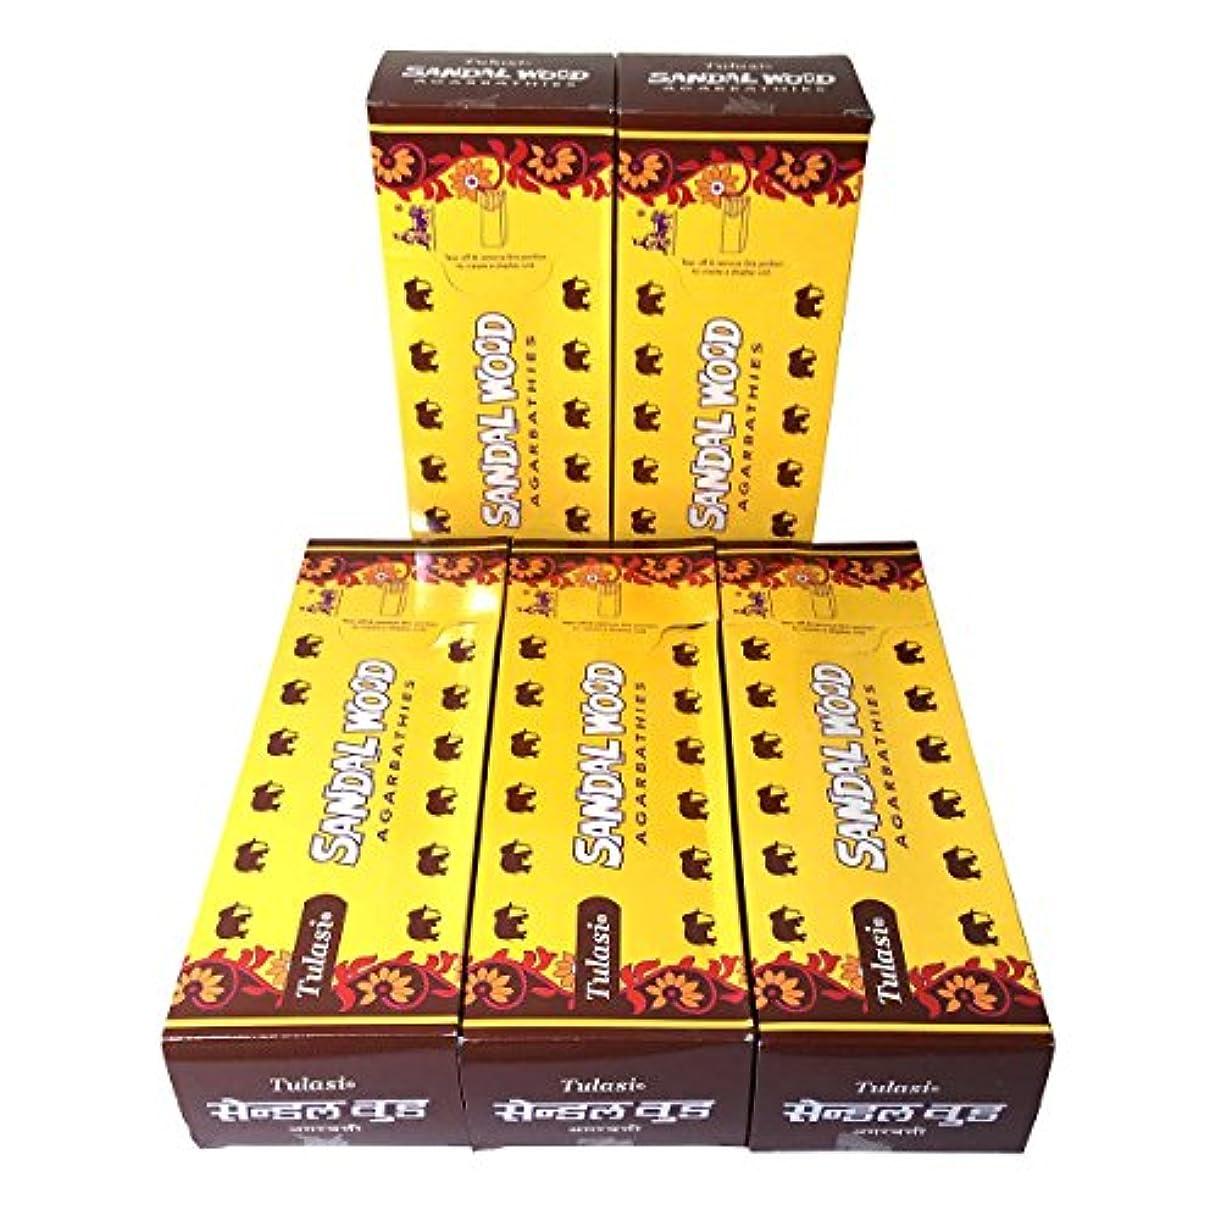 材料講師延ばすサンダルウッド香スティック 5BOX(30箱)/TULASI SANDAL WOOD/ インド香 / 送料無料 [並行輸入品]